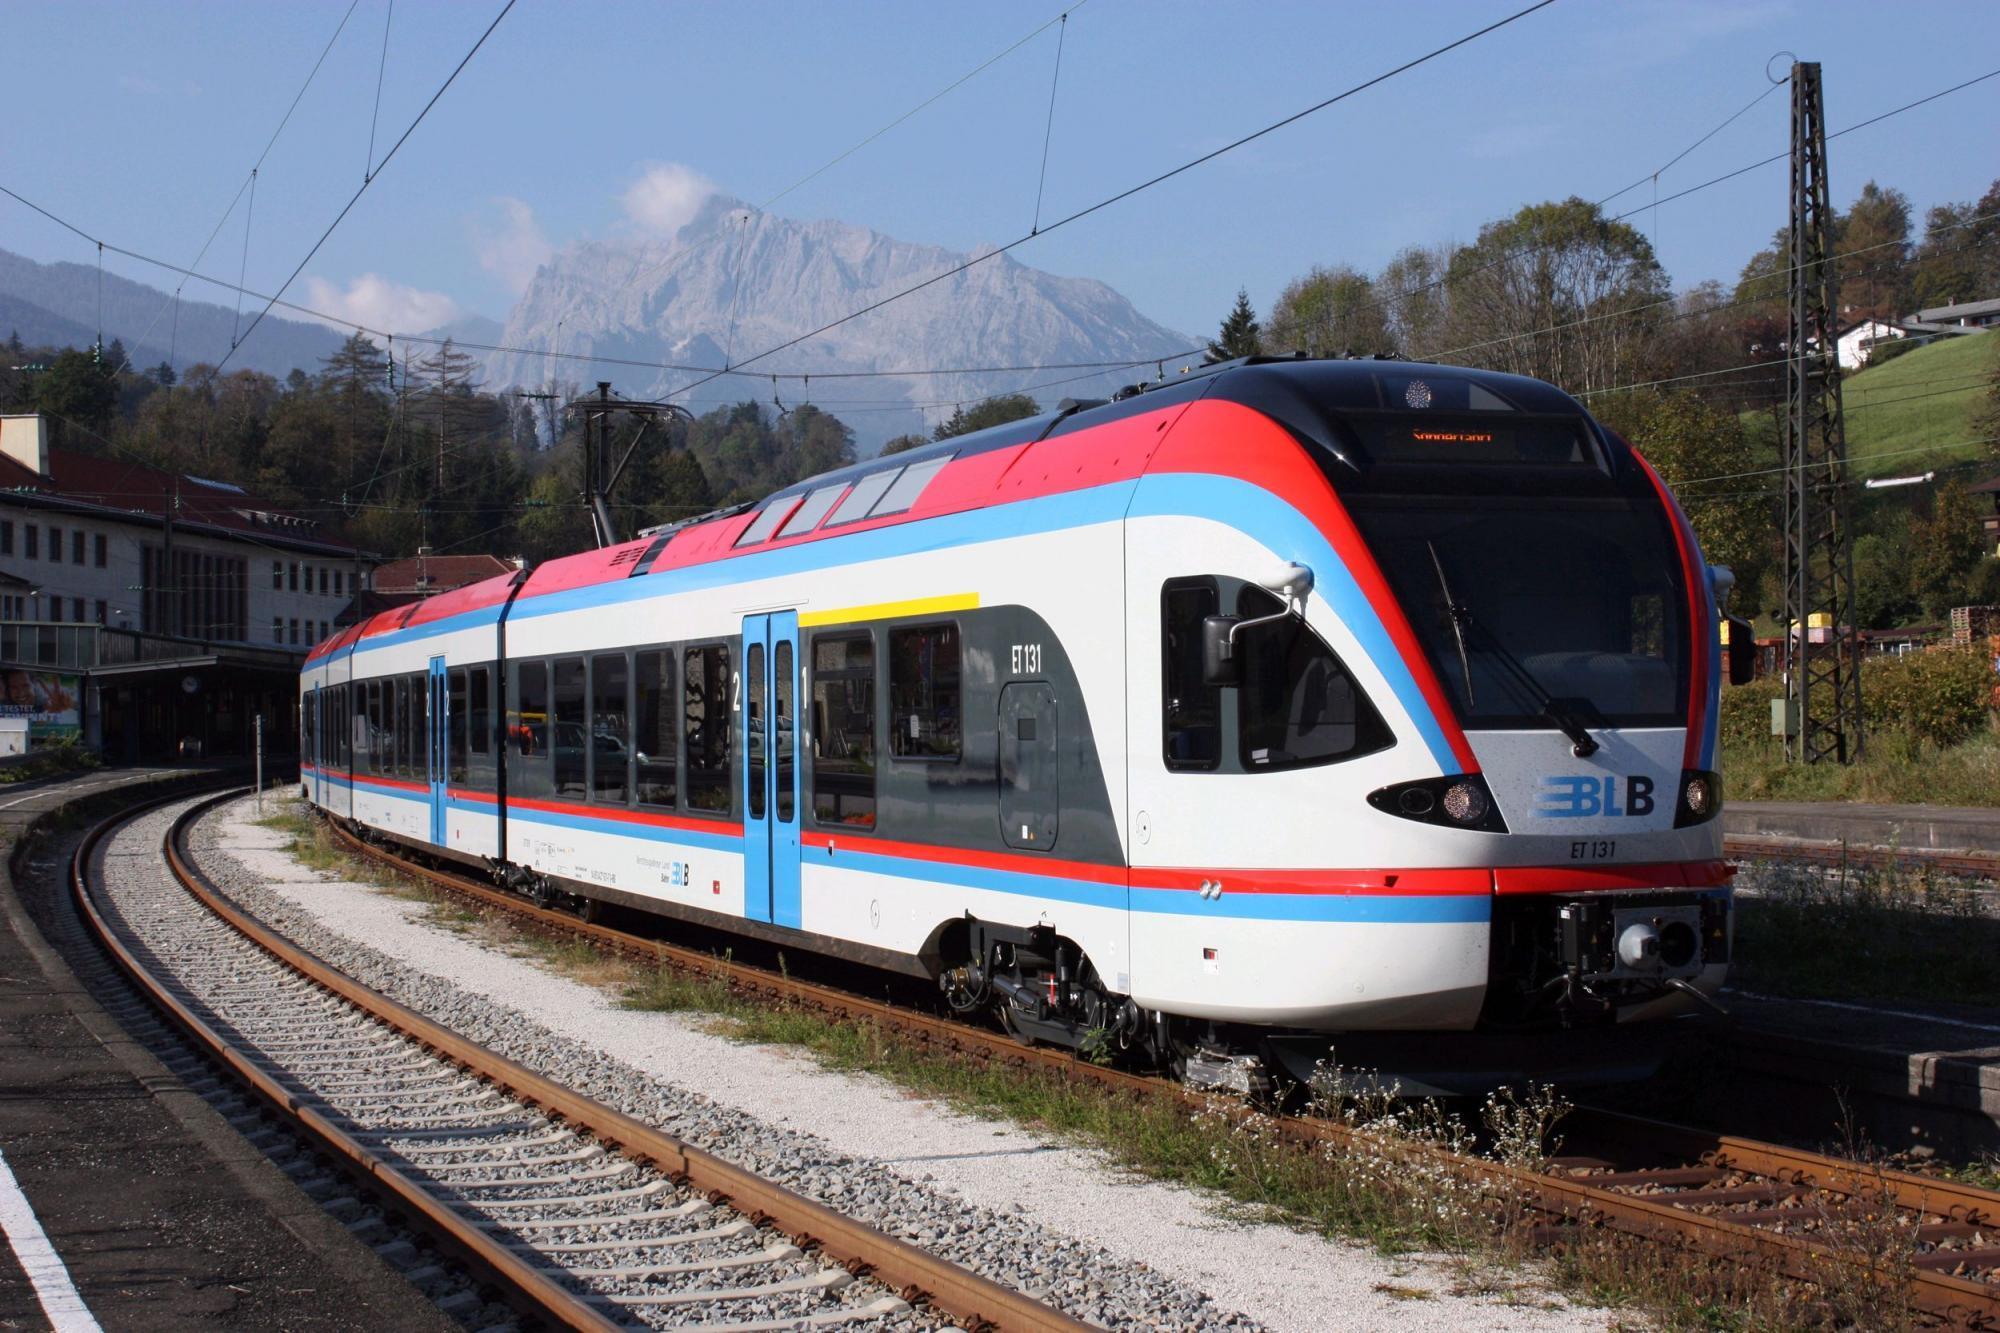 Passenger Trains | FLIRT_BERCHTESGARDENER_LANDBAHN_1_BIG.JPG | © Stadler Rail/Alpha Trains/BLB